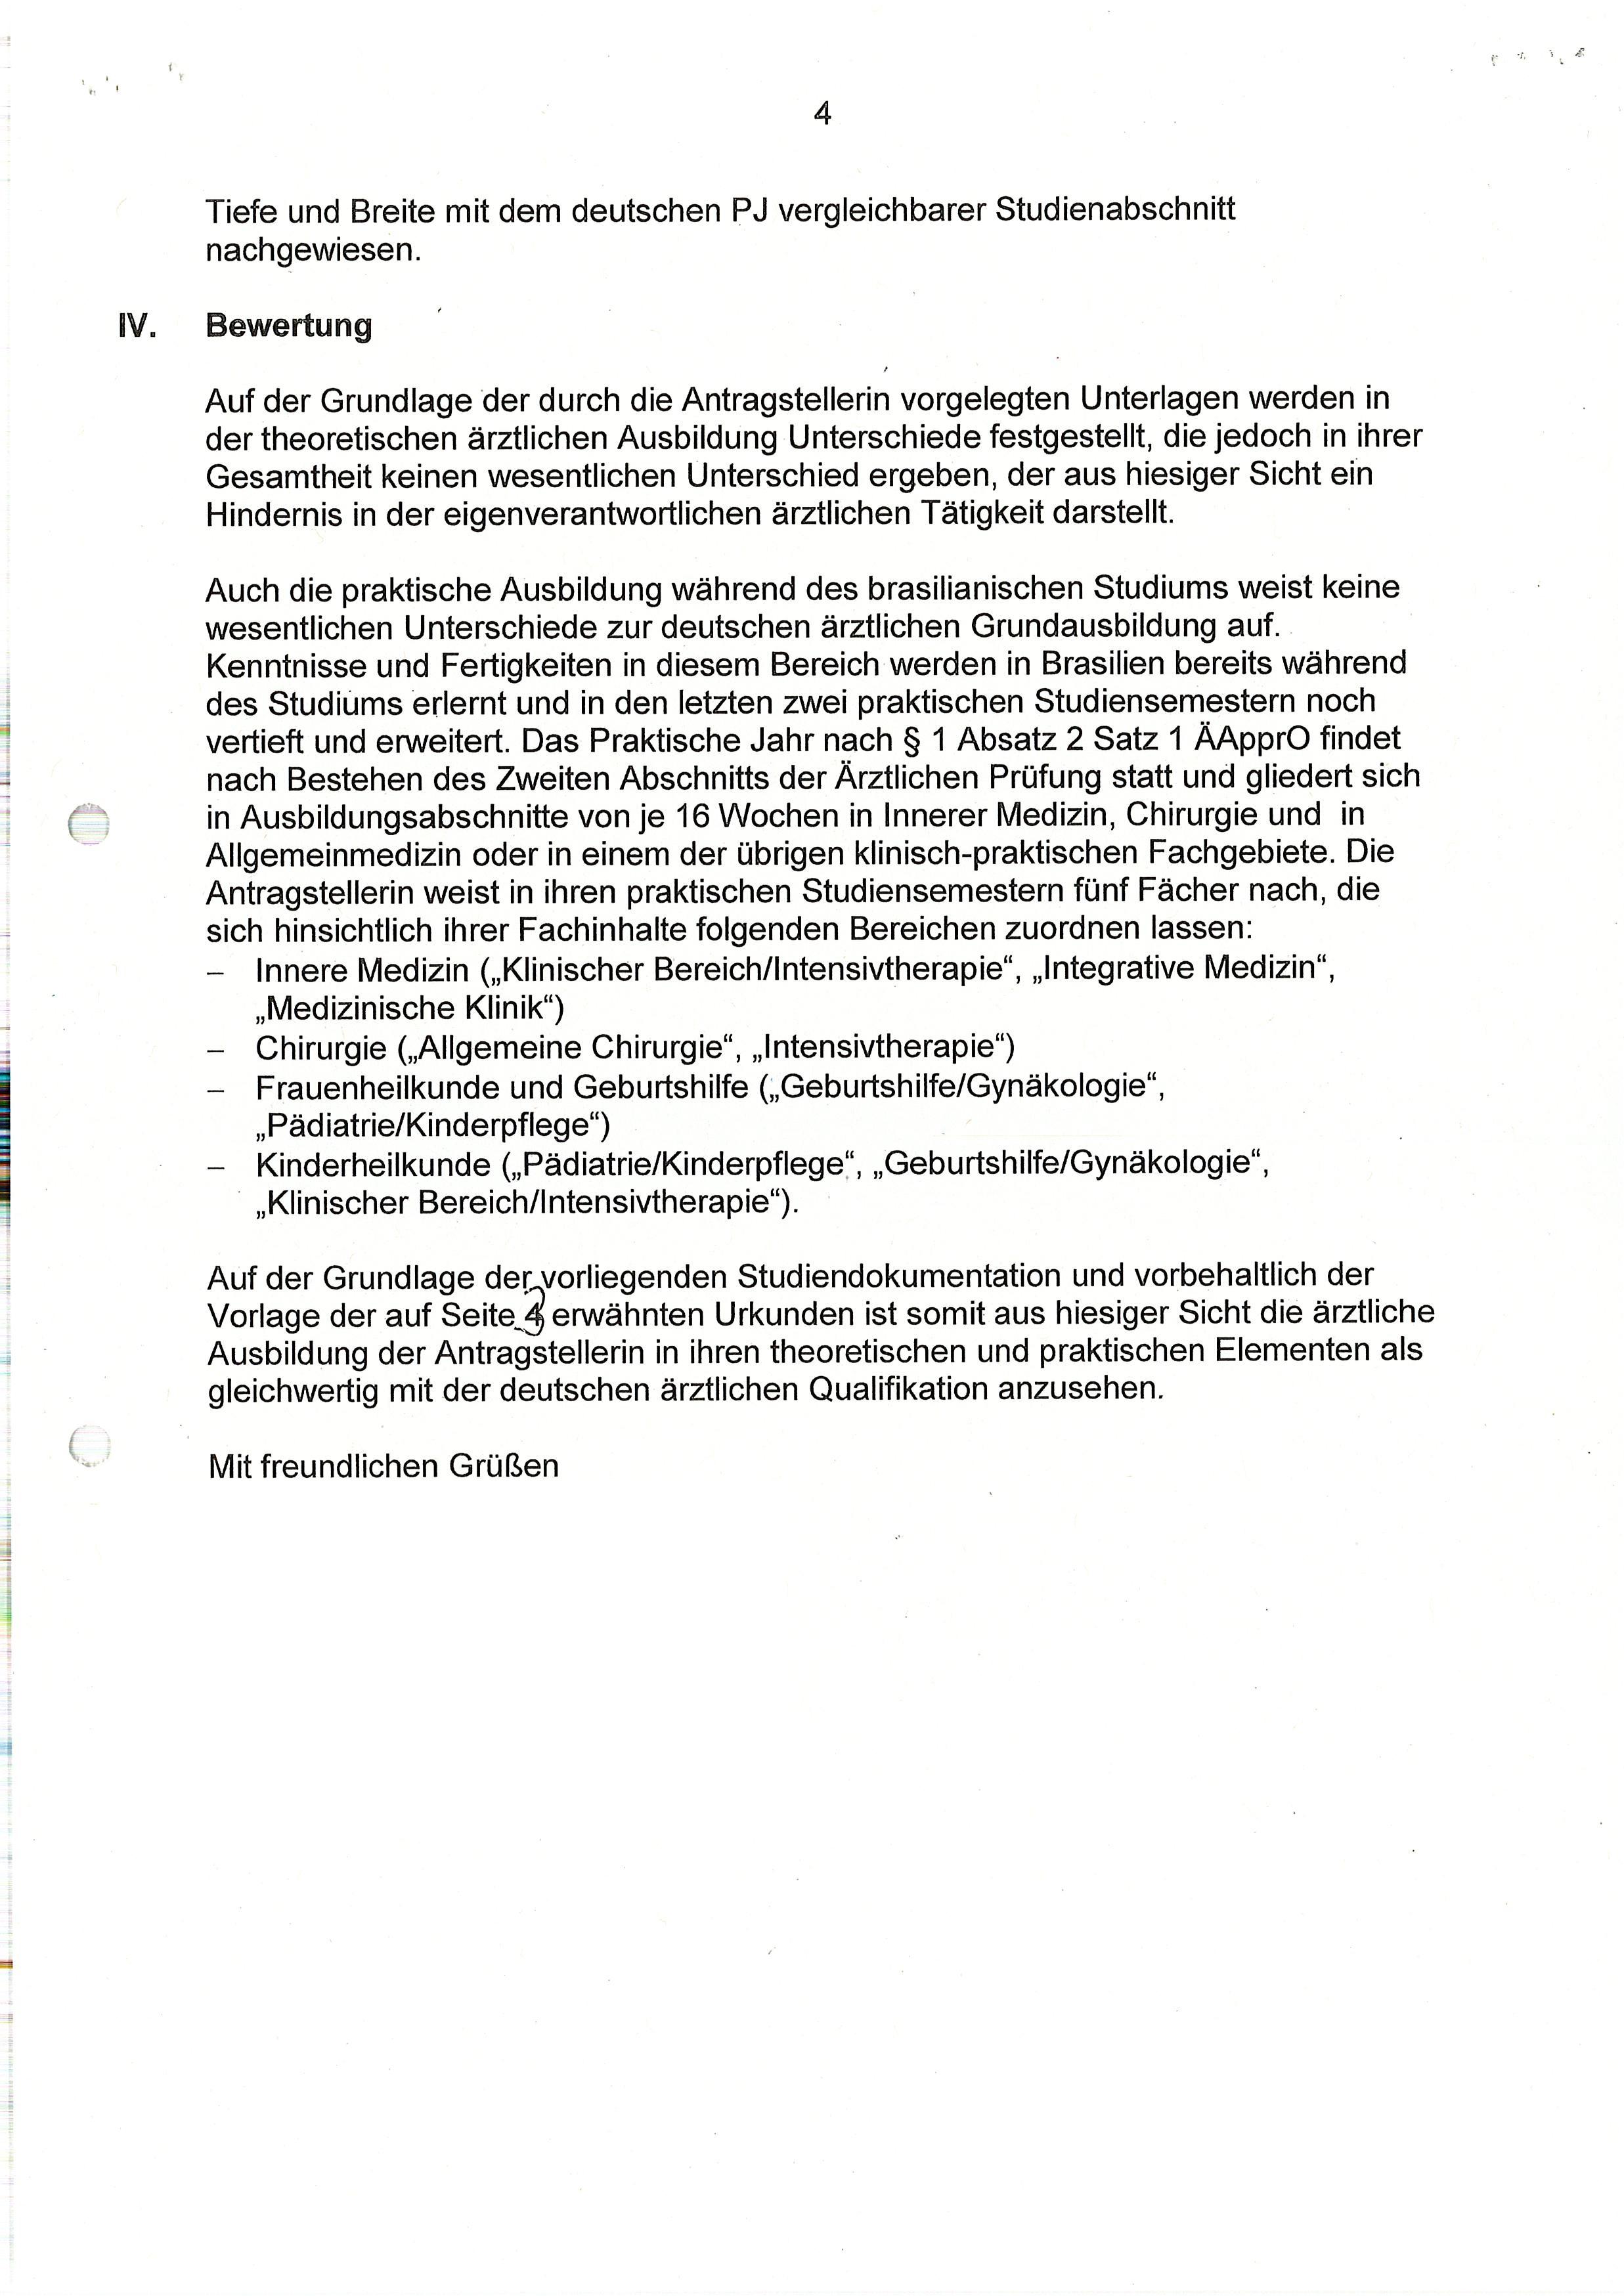 Rechtsanwalt Sirghita - Aktuelles aus dem Berufsrecht